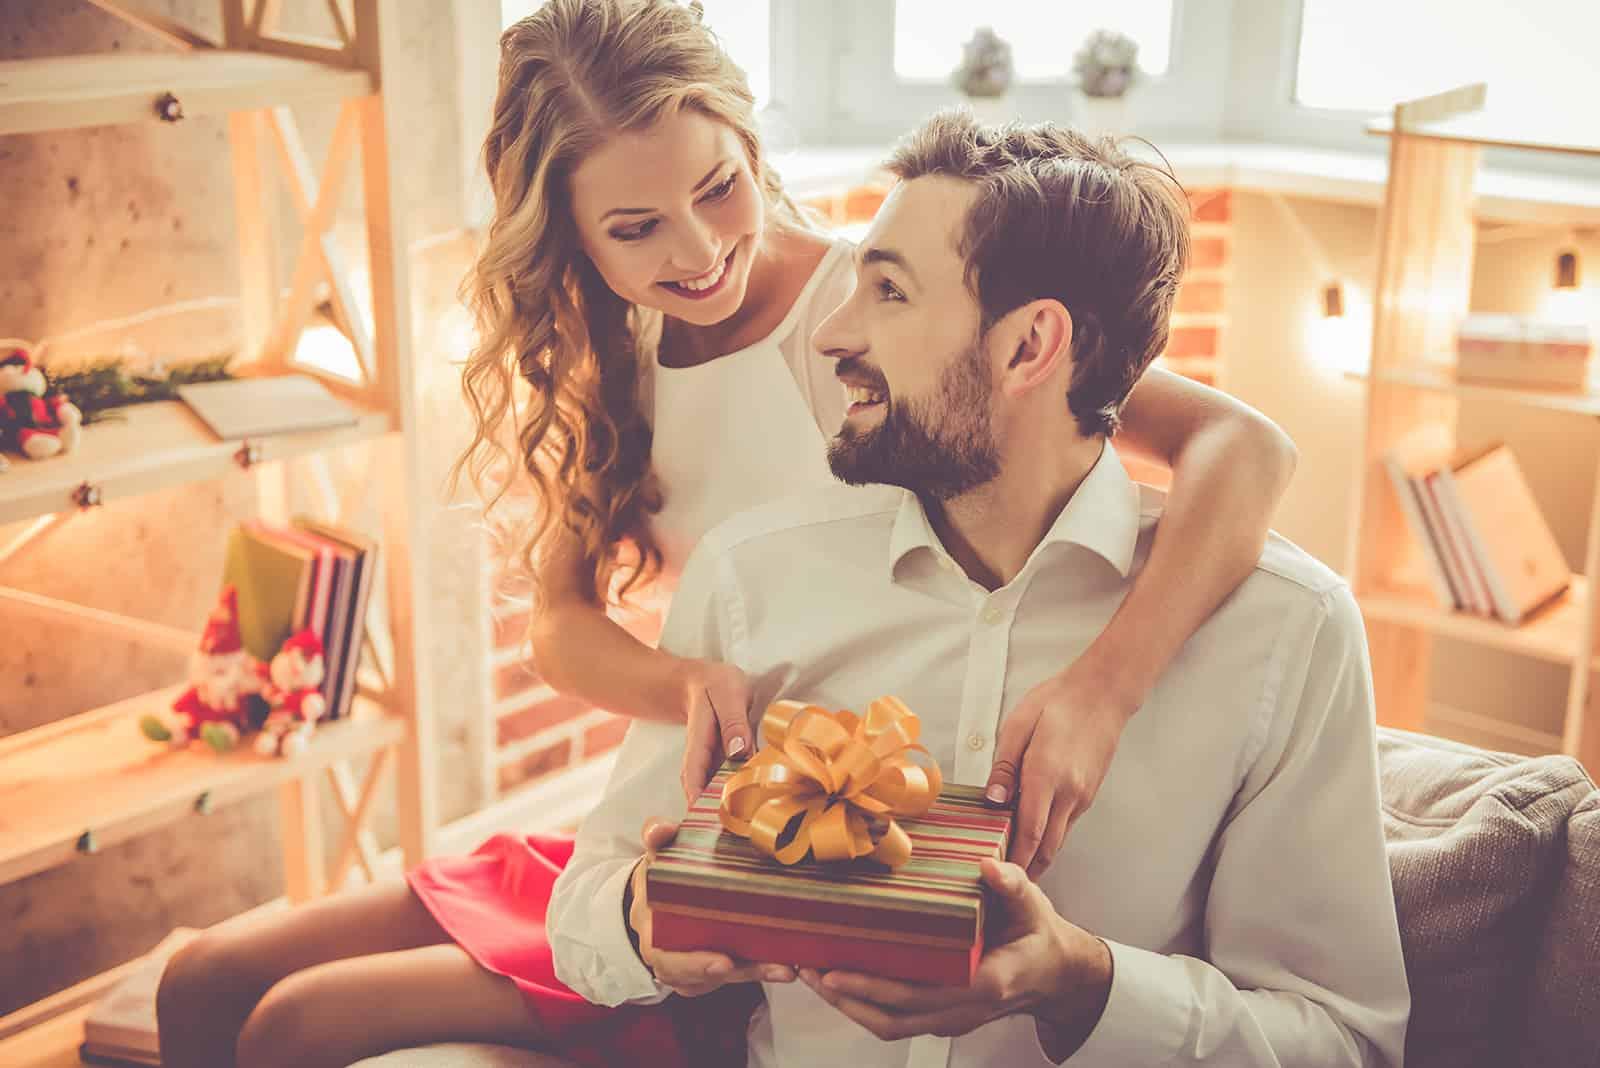 Ein lächelnder Mann erhält ein Geschenk von seiner Freundin zu Hause